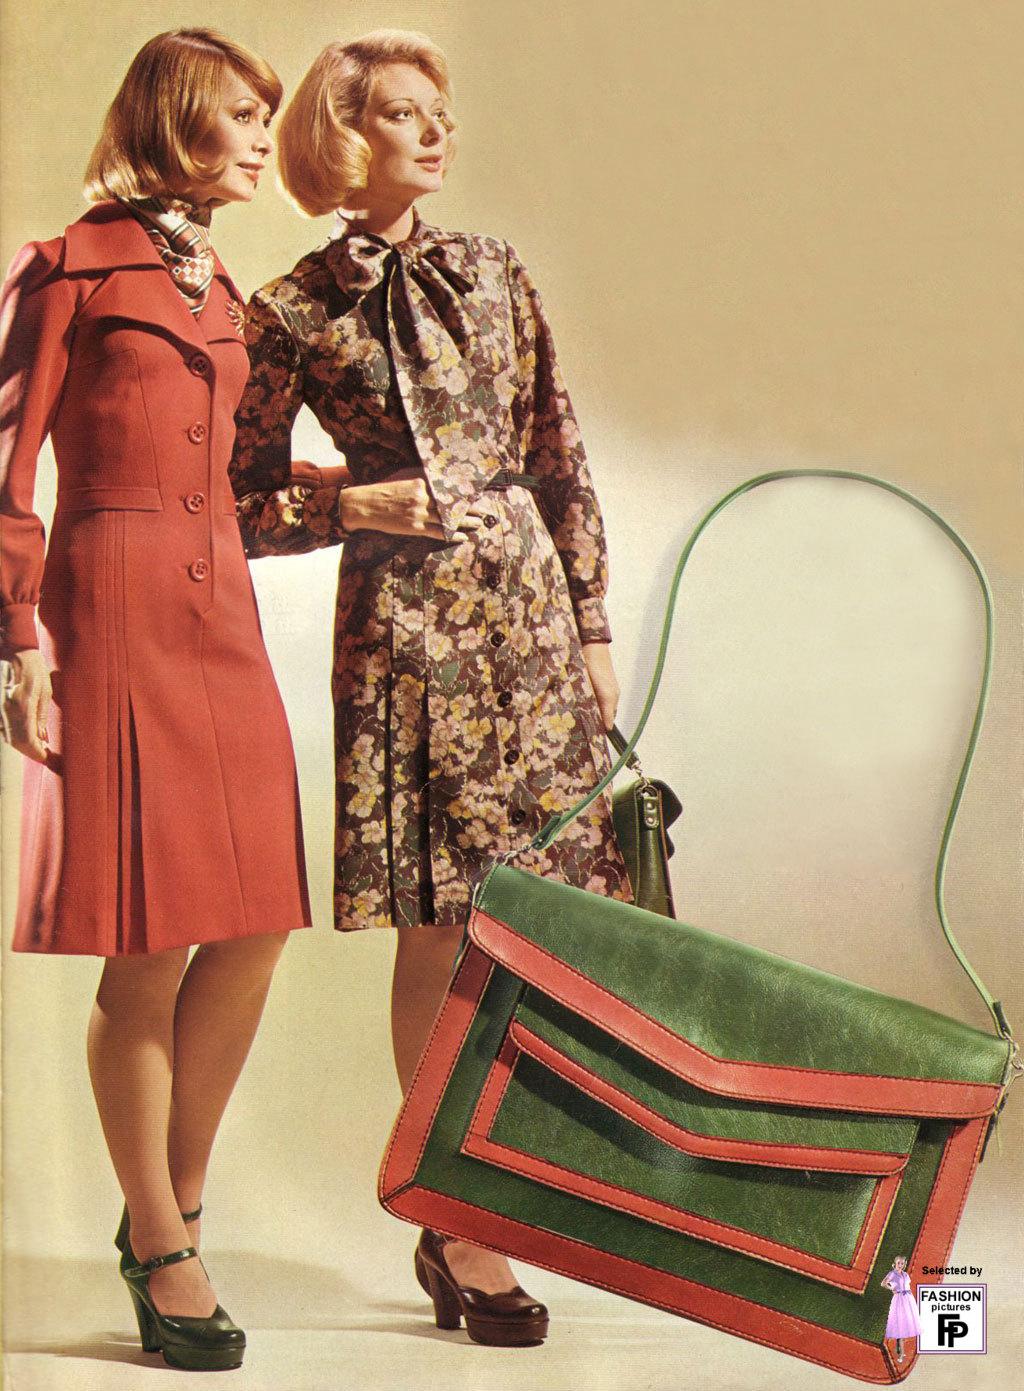 Fashion 70s watch online 75